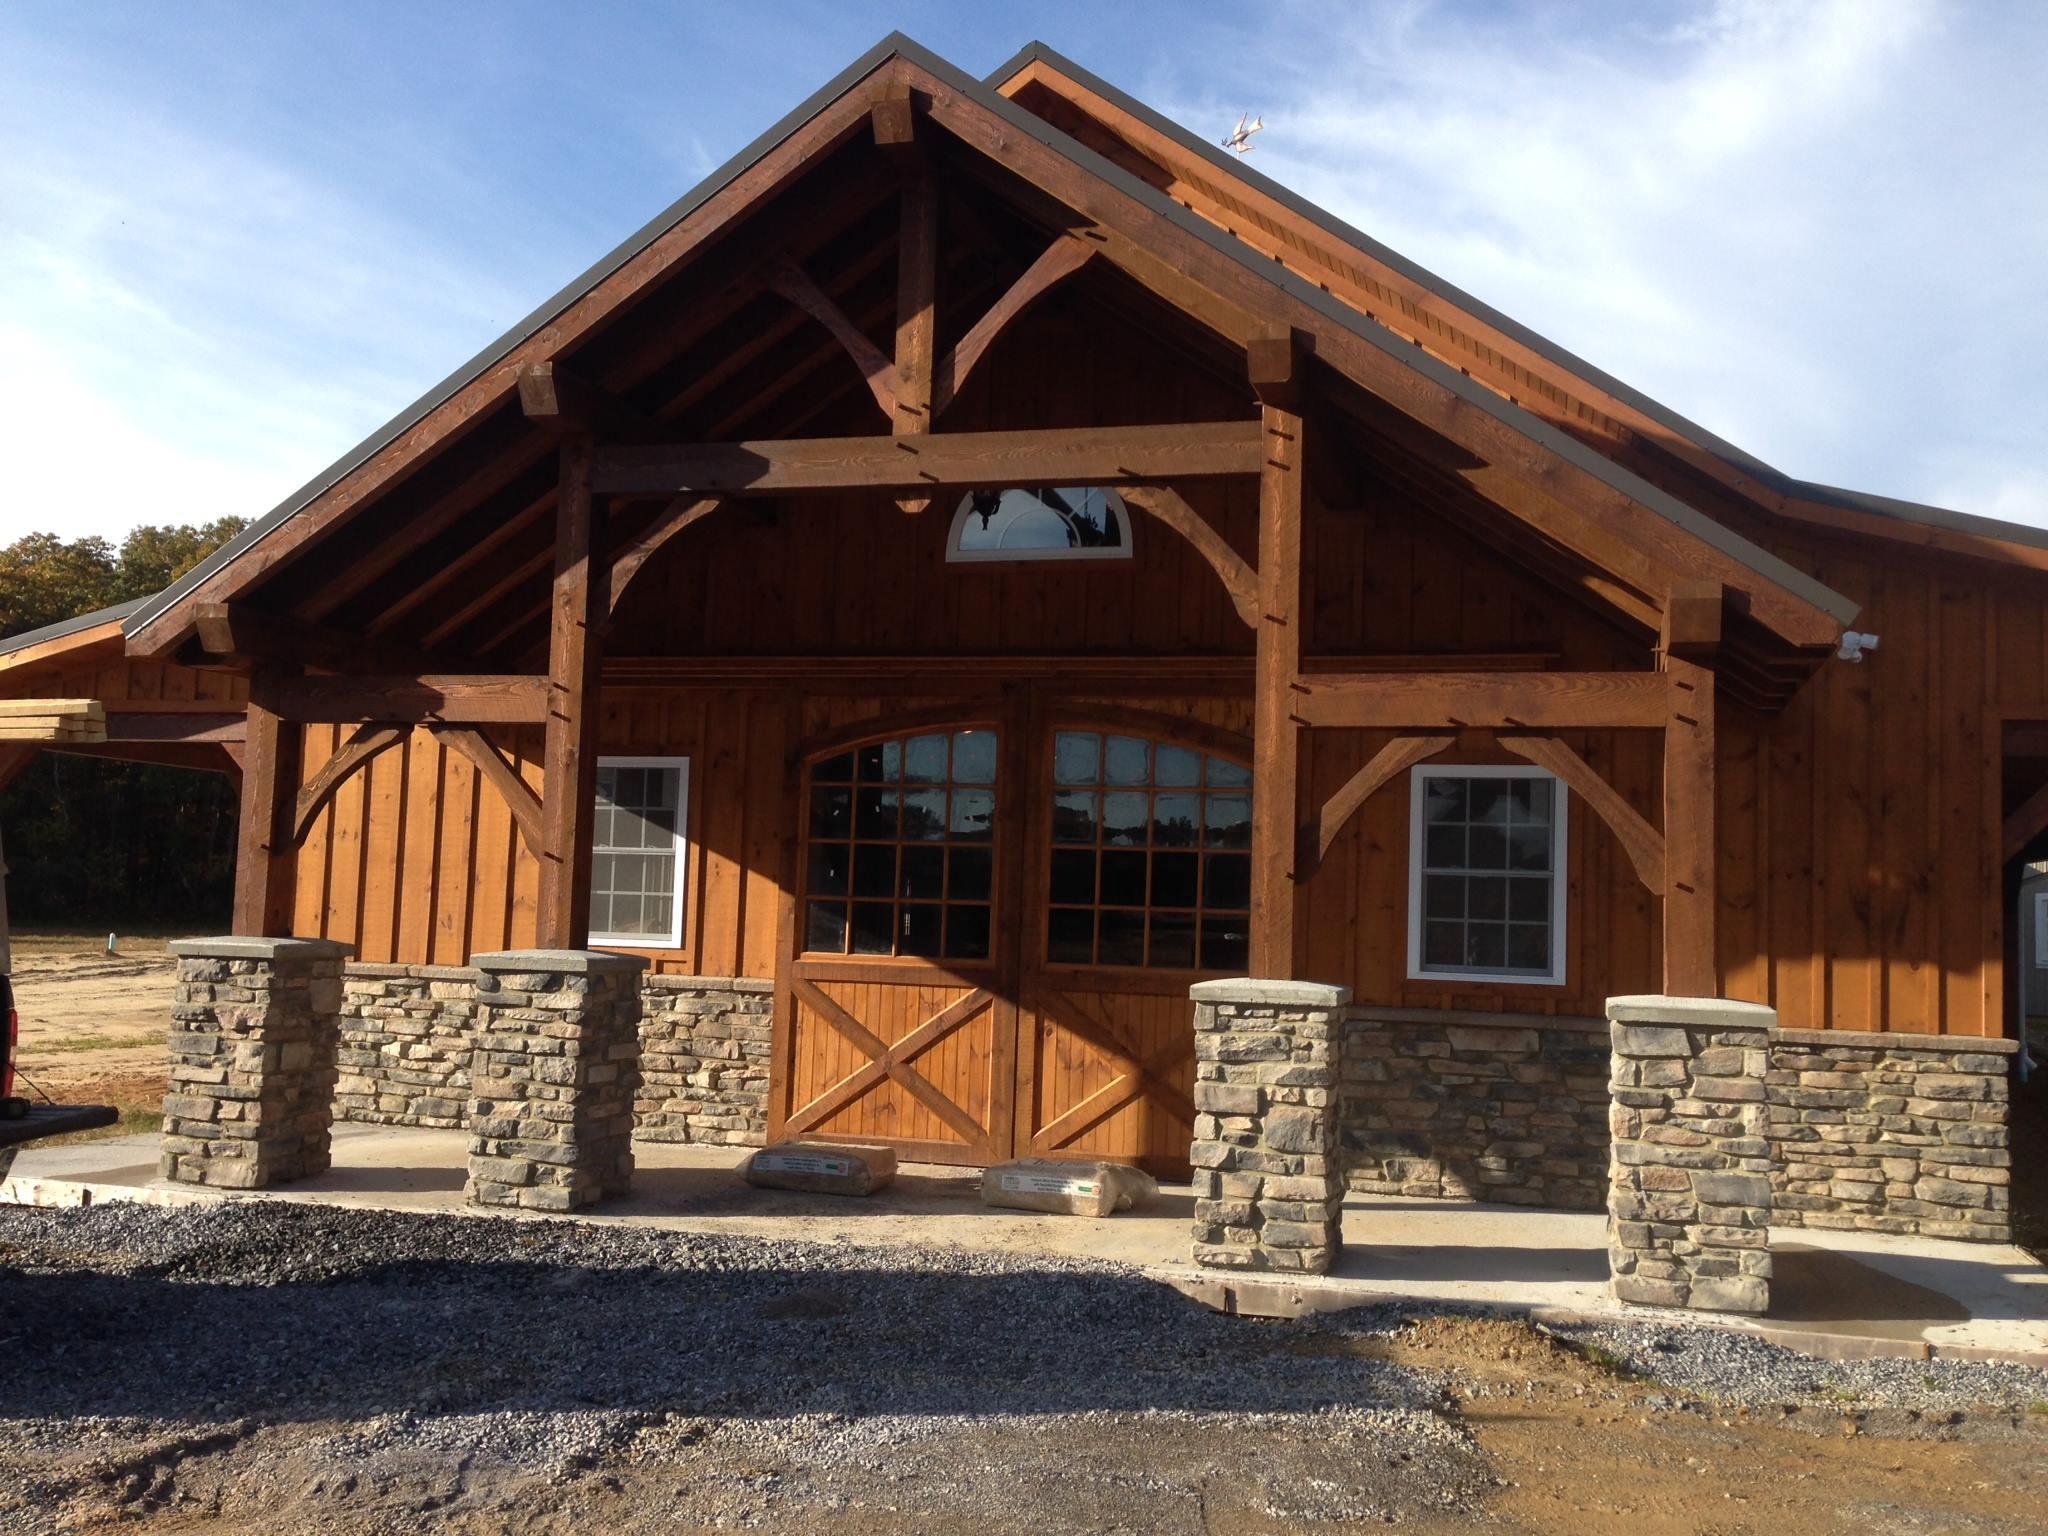 Horse barn builders llc in gettysburg pa 17325 for Horse barn builders